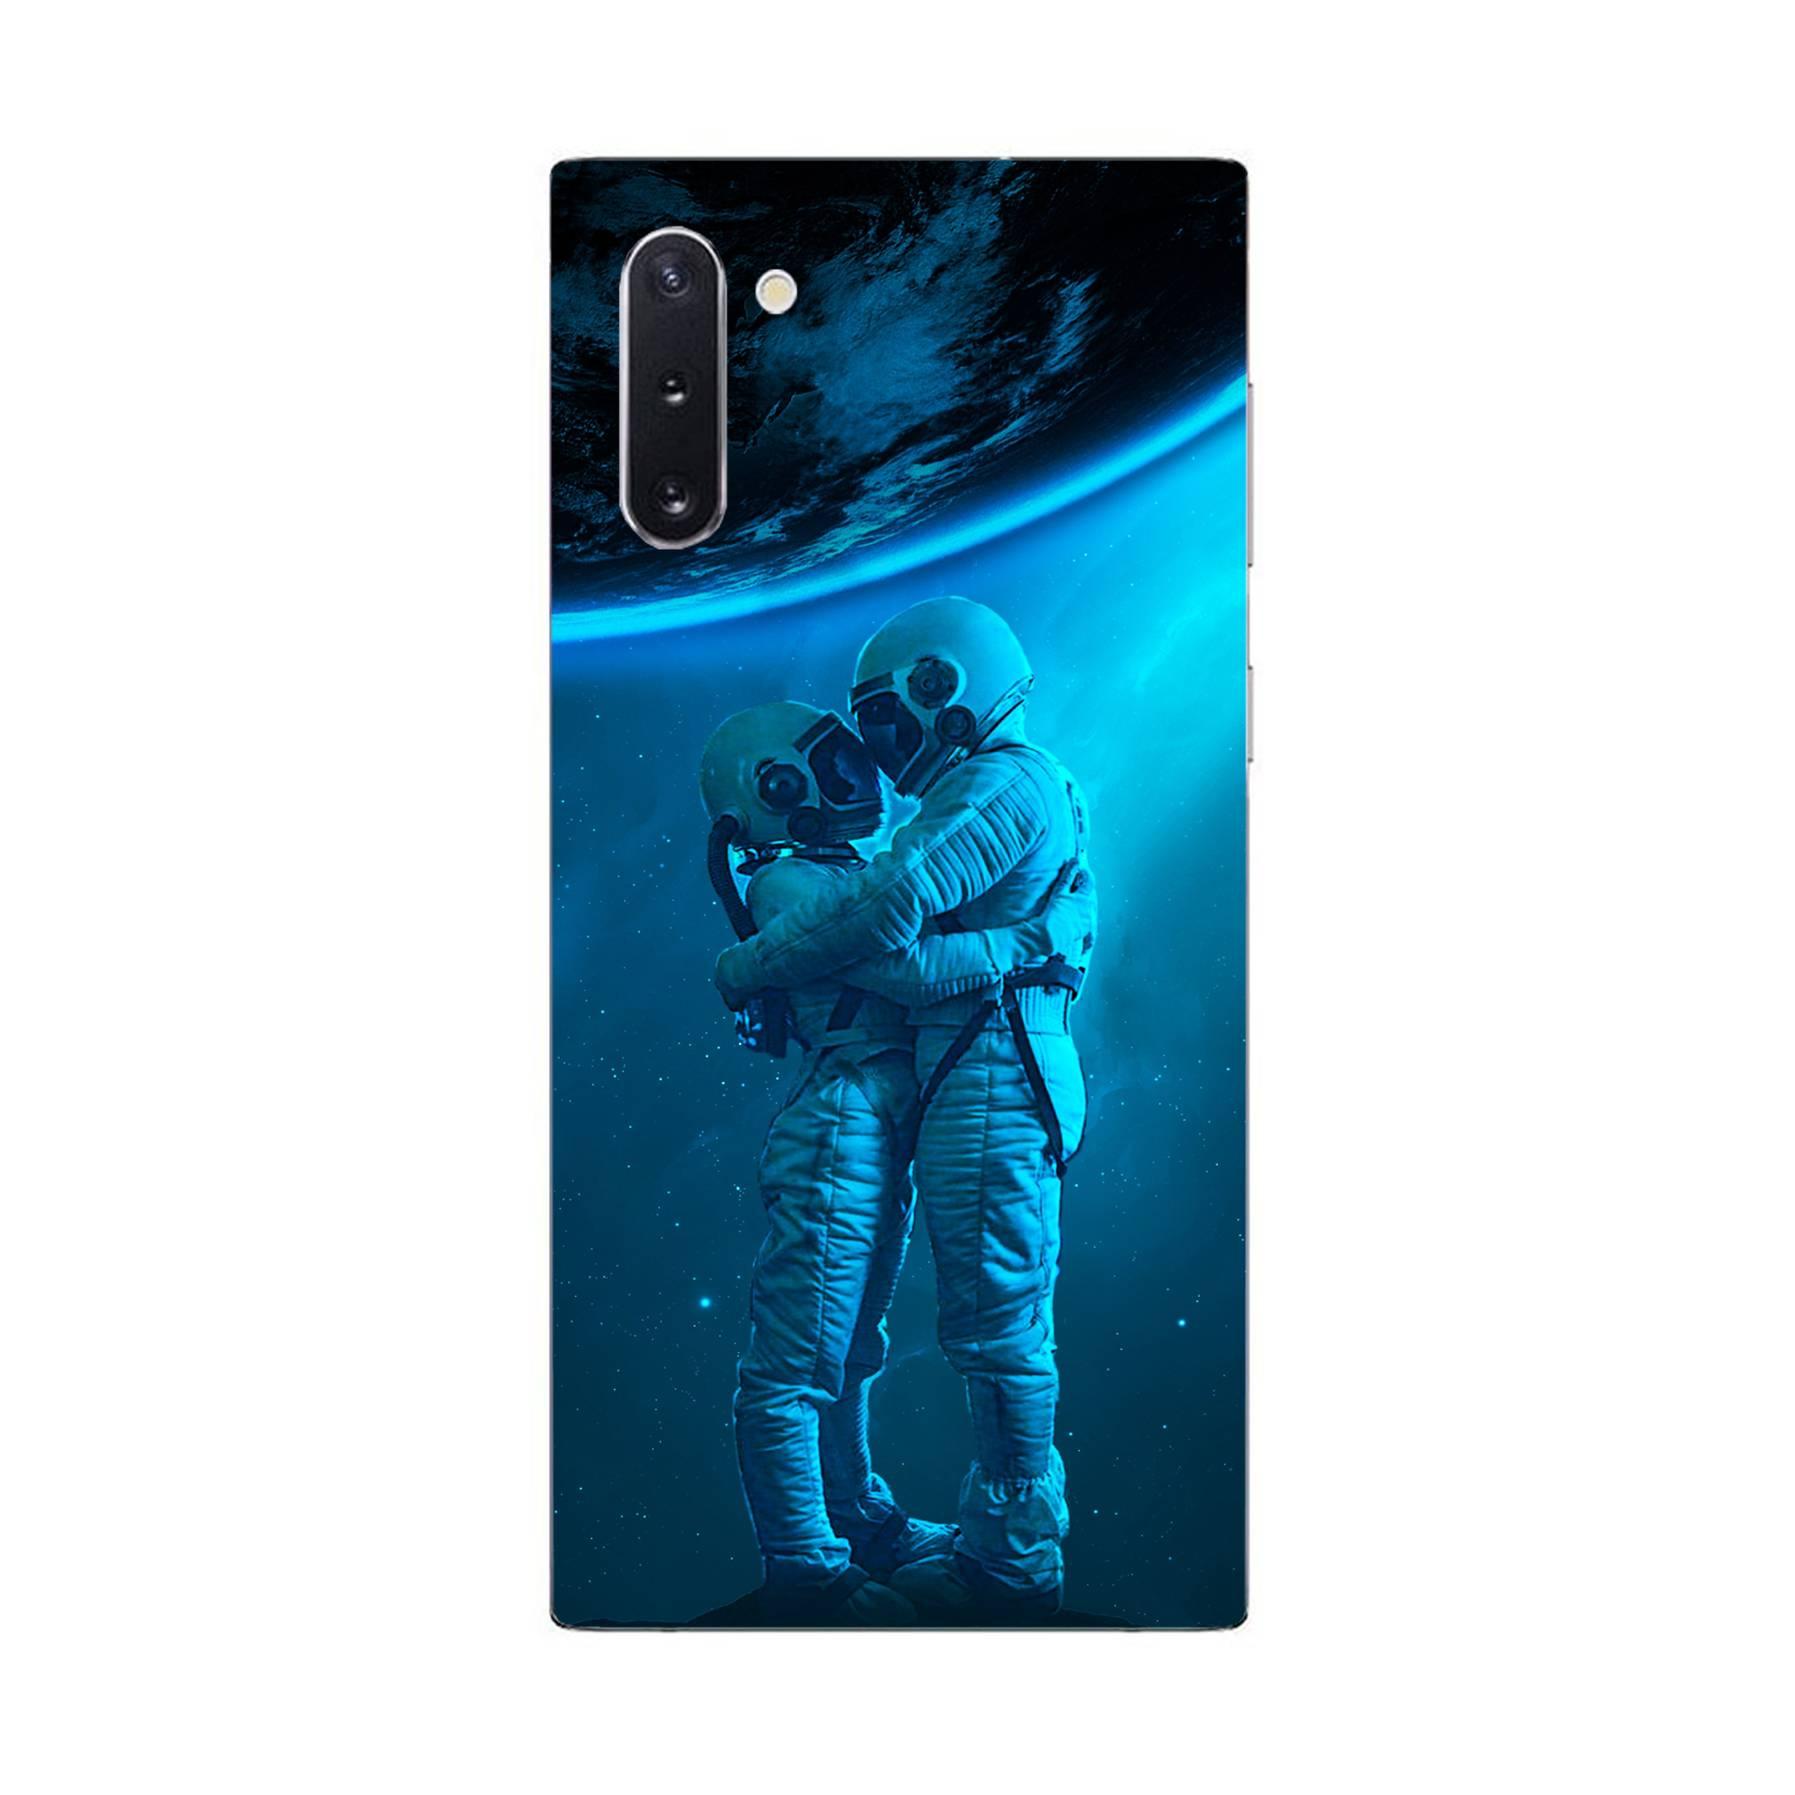 E-pic szilikon védő tok / hátlap - Szerelmes űrhajós pár mintás - SAMSUNG Galaxy Note10 5G (SM-N971U)